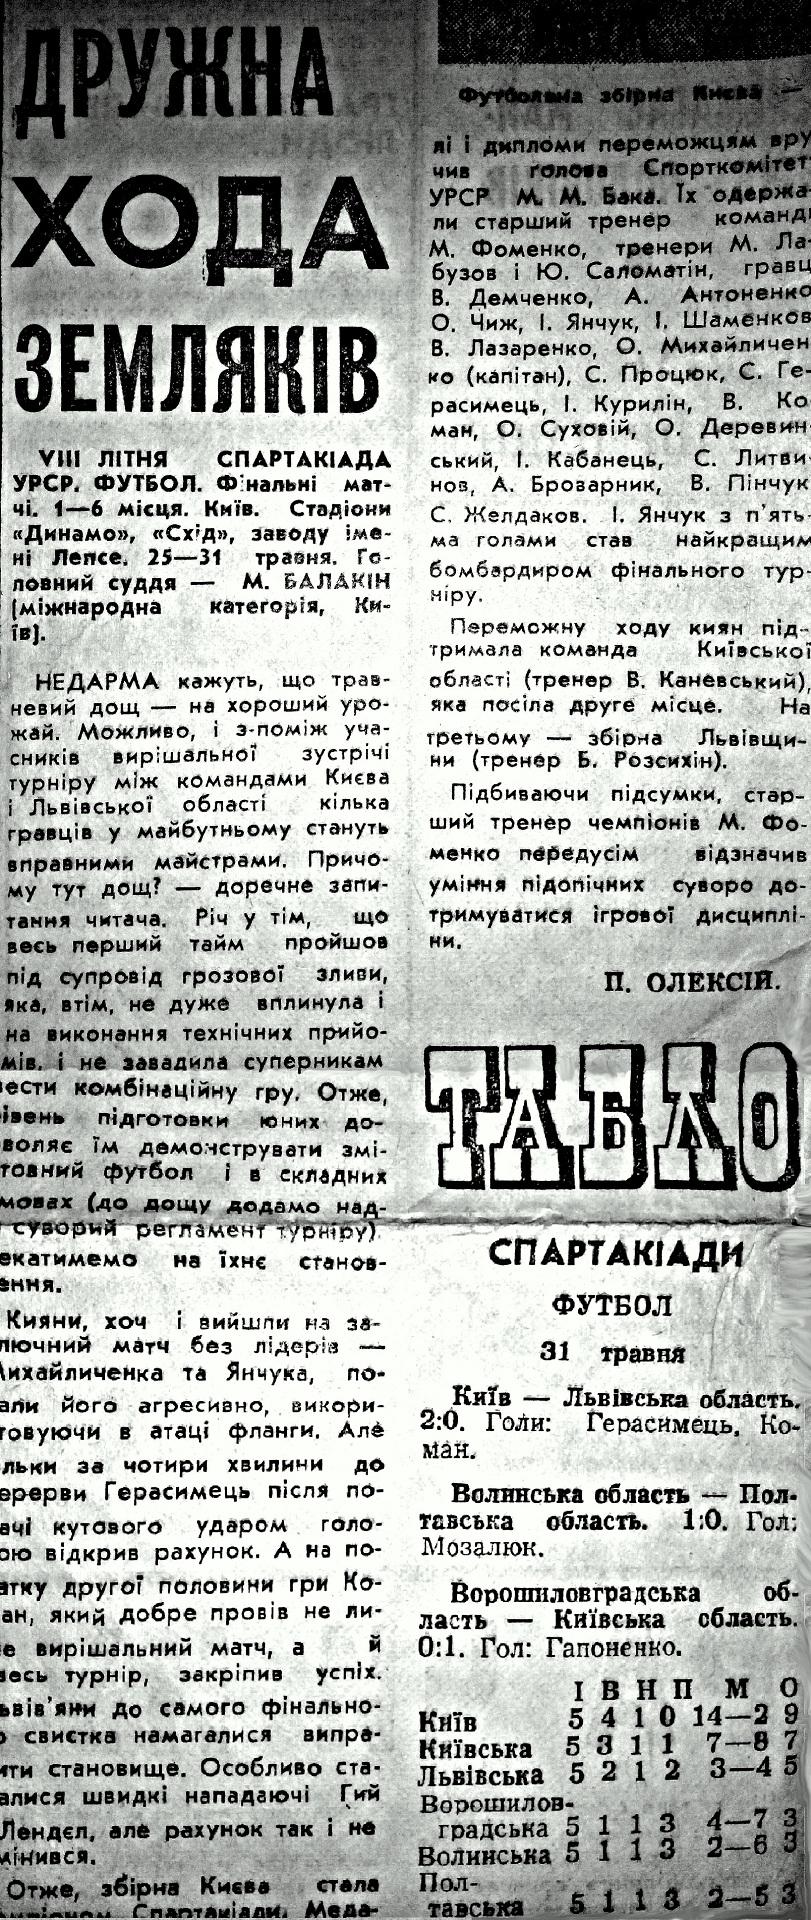 Дружна хода земляків П. Олексій